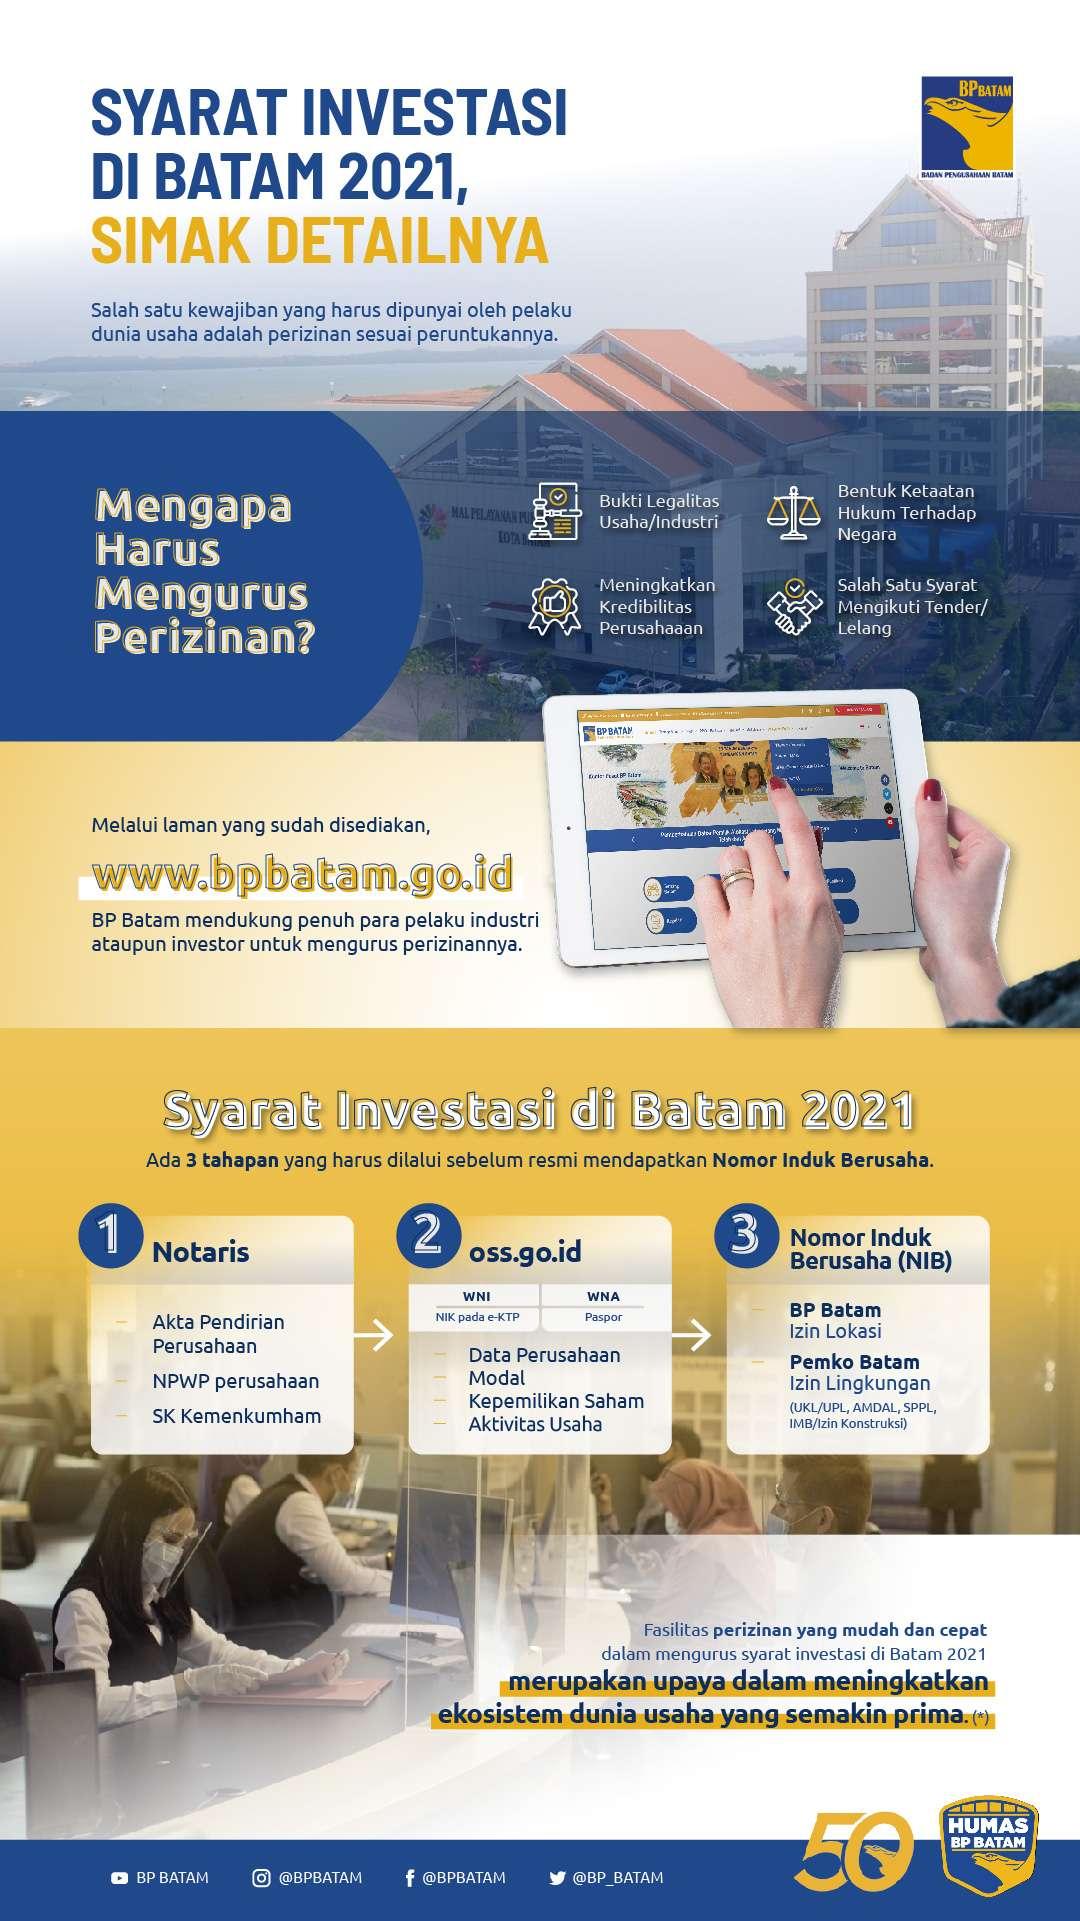 Syarat Investasi di Batam 2021, Simak Detailnya (Infografis)